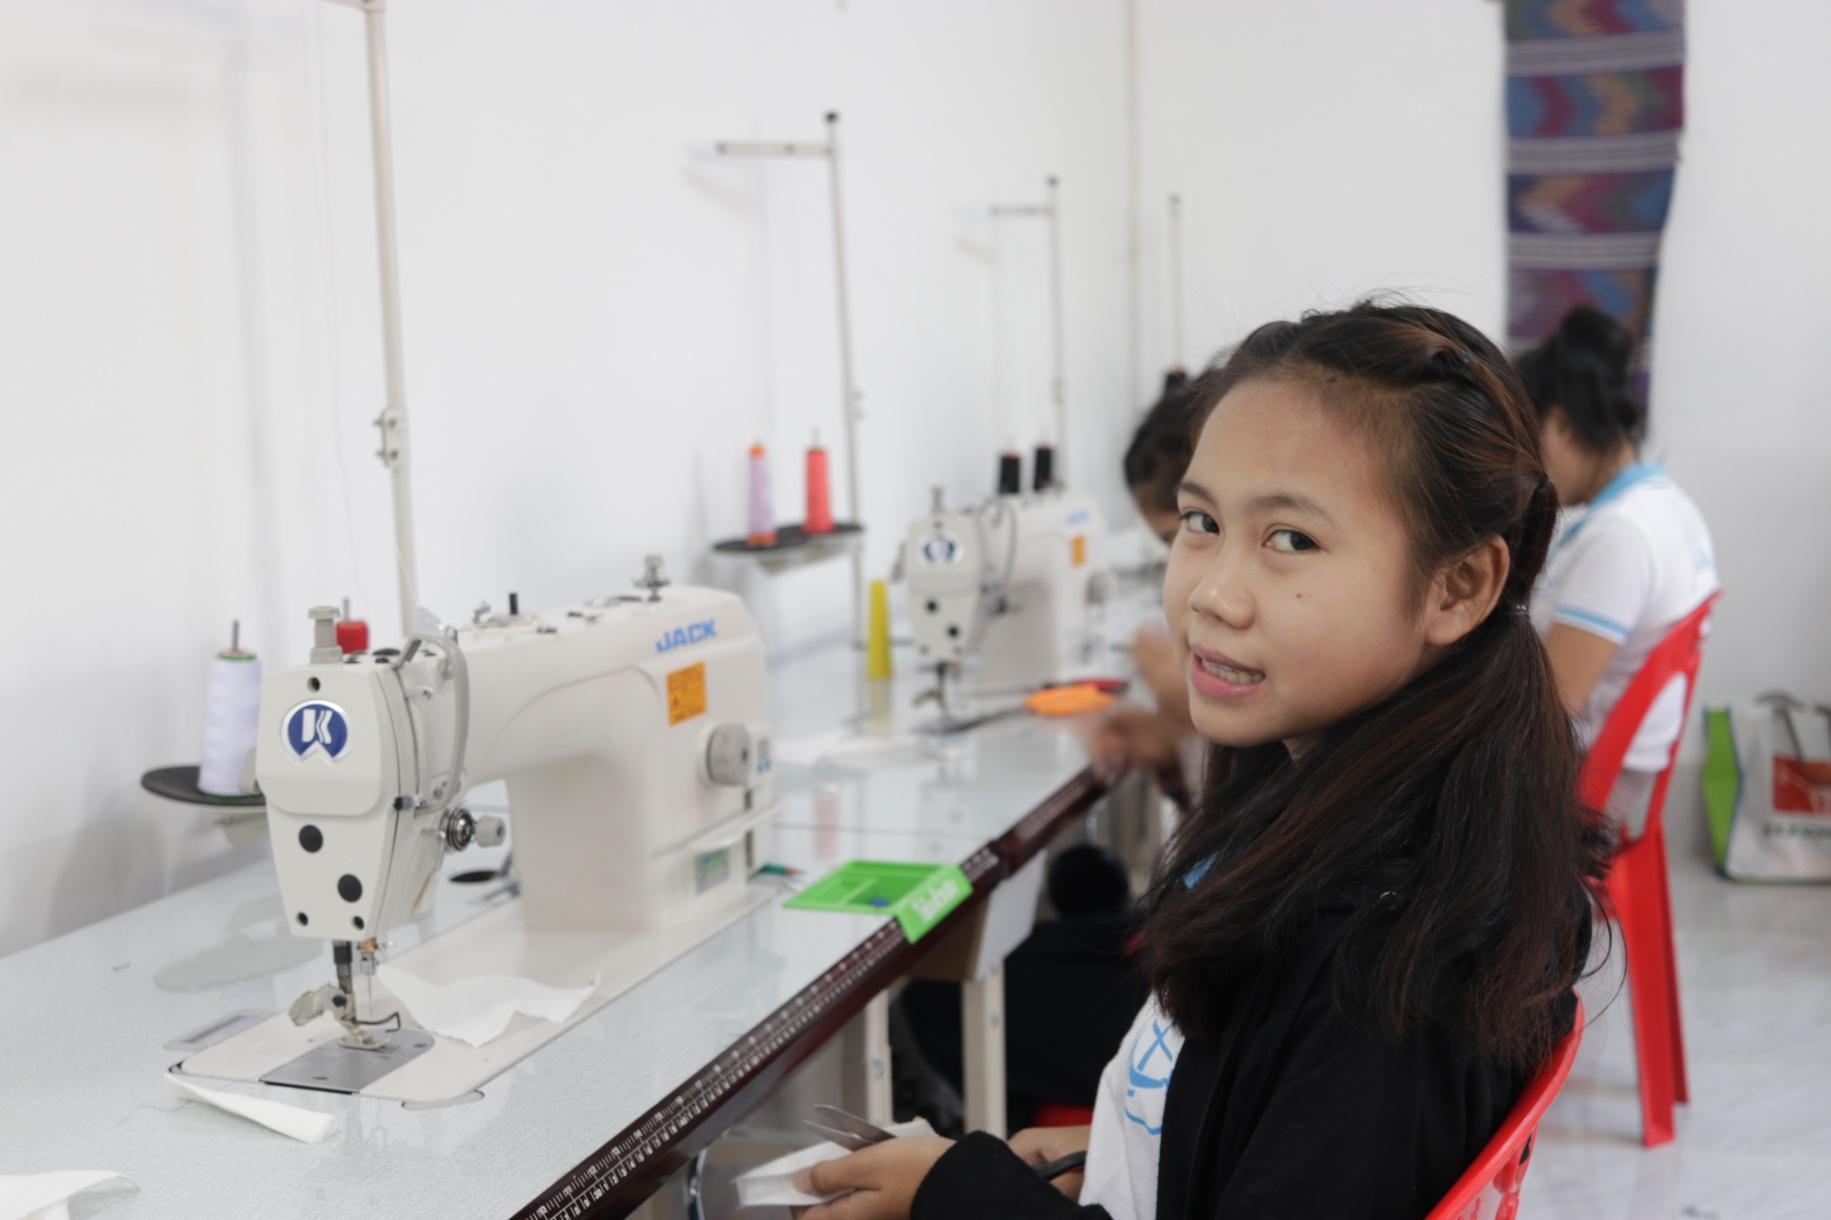 Une formation professionelle pour les jeunes femmes au Laos